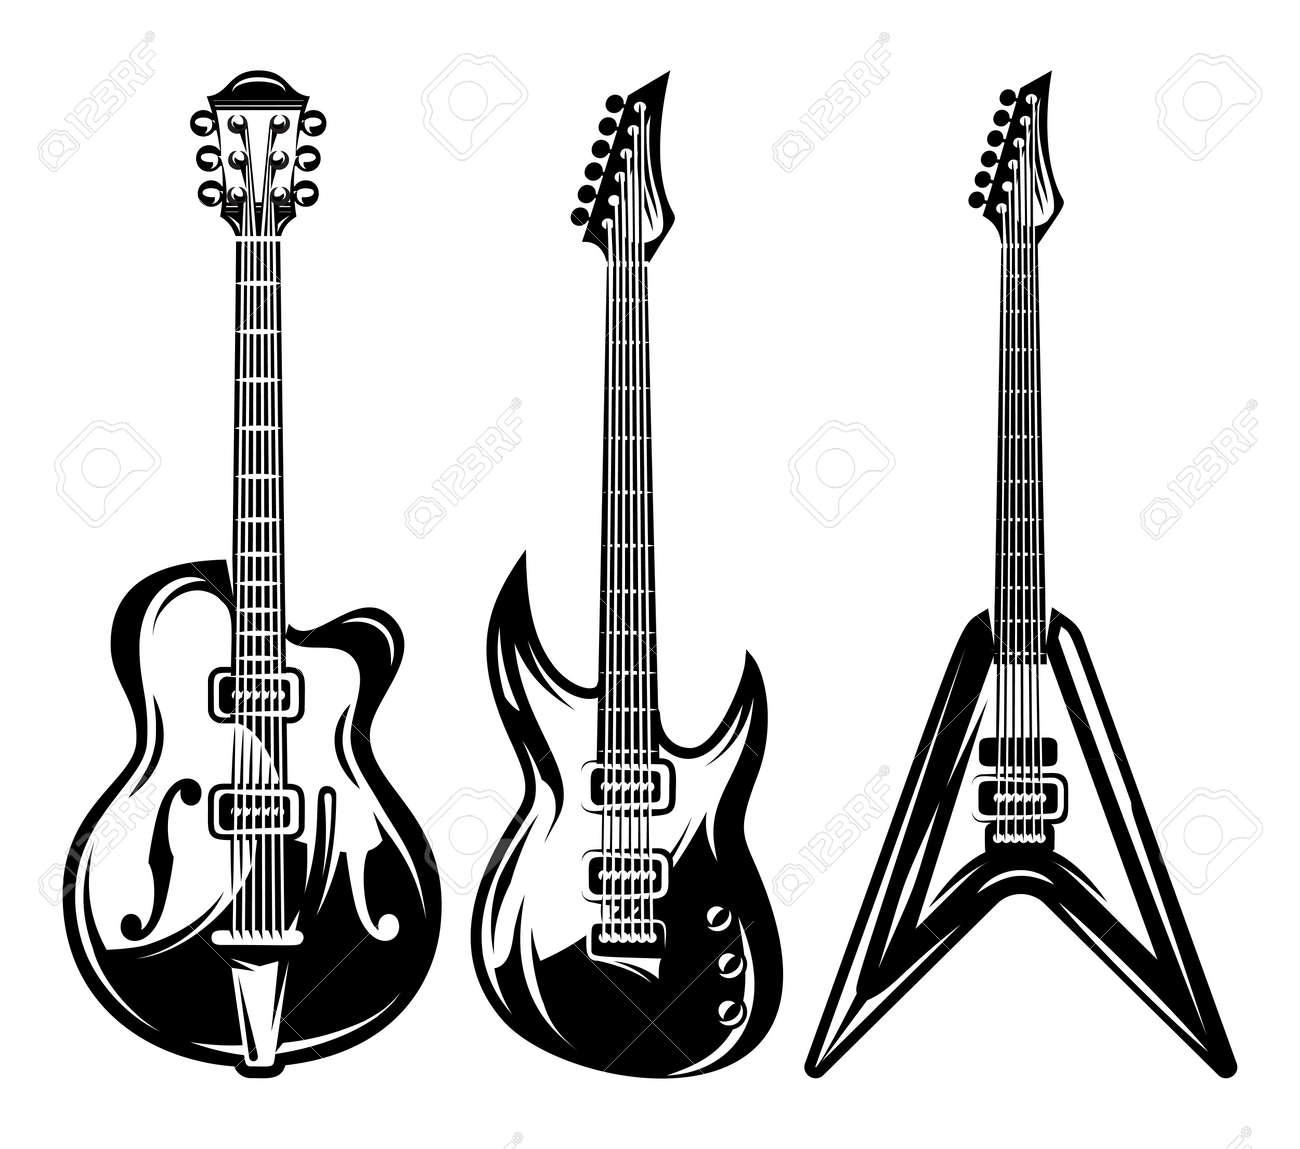 Vector Conjunto De Guitarras Eléctricas Monocromo Para El Diseño De